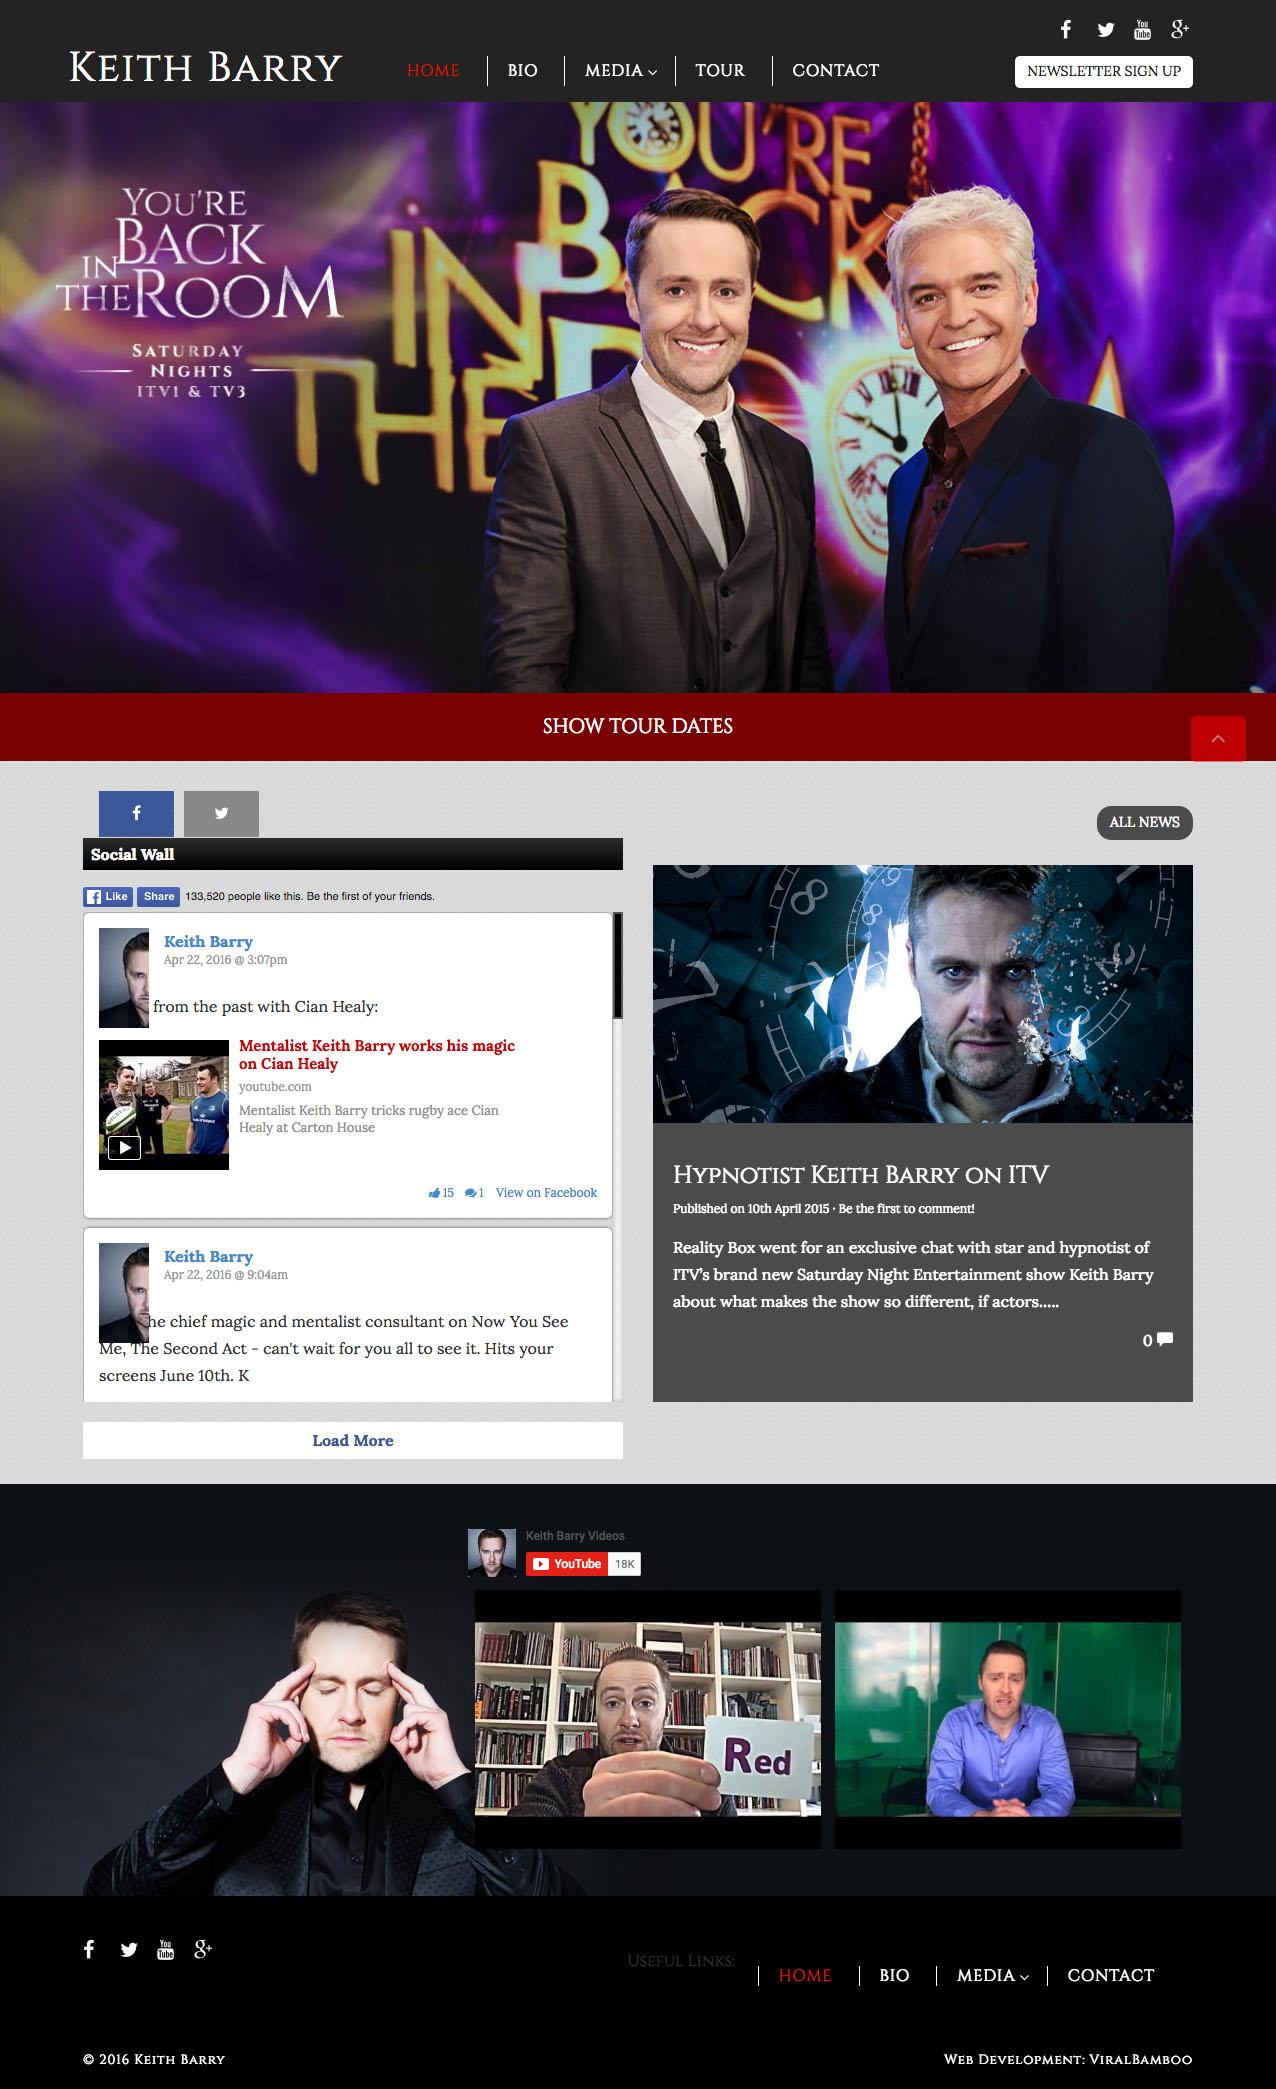 screenshot of Keith Berry's website